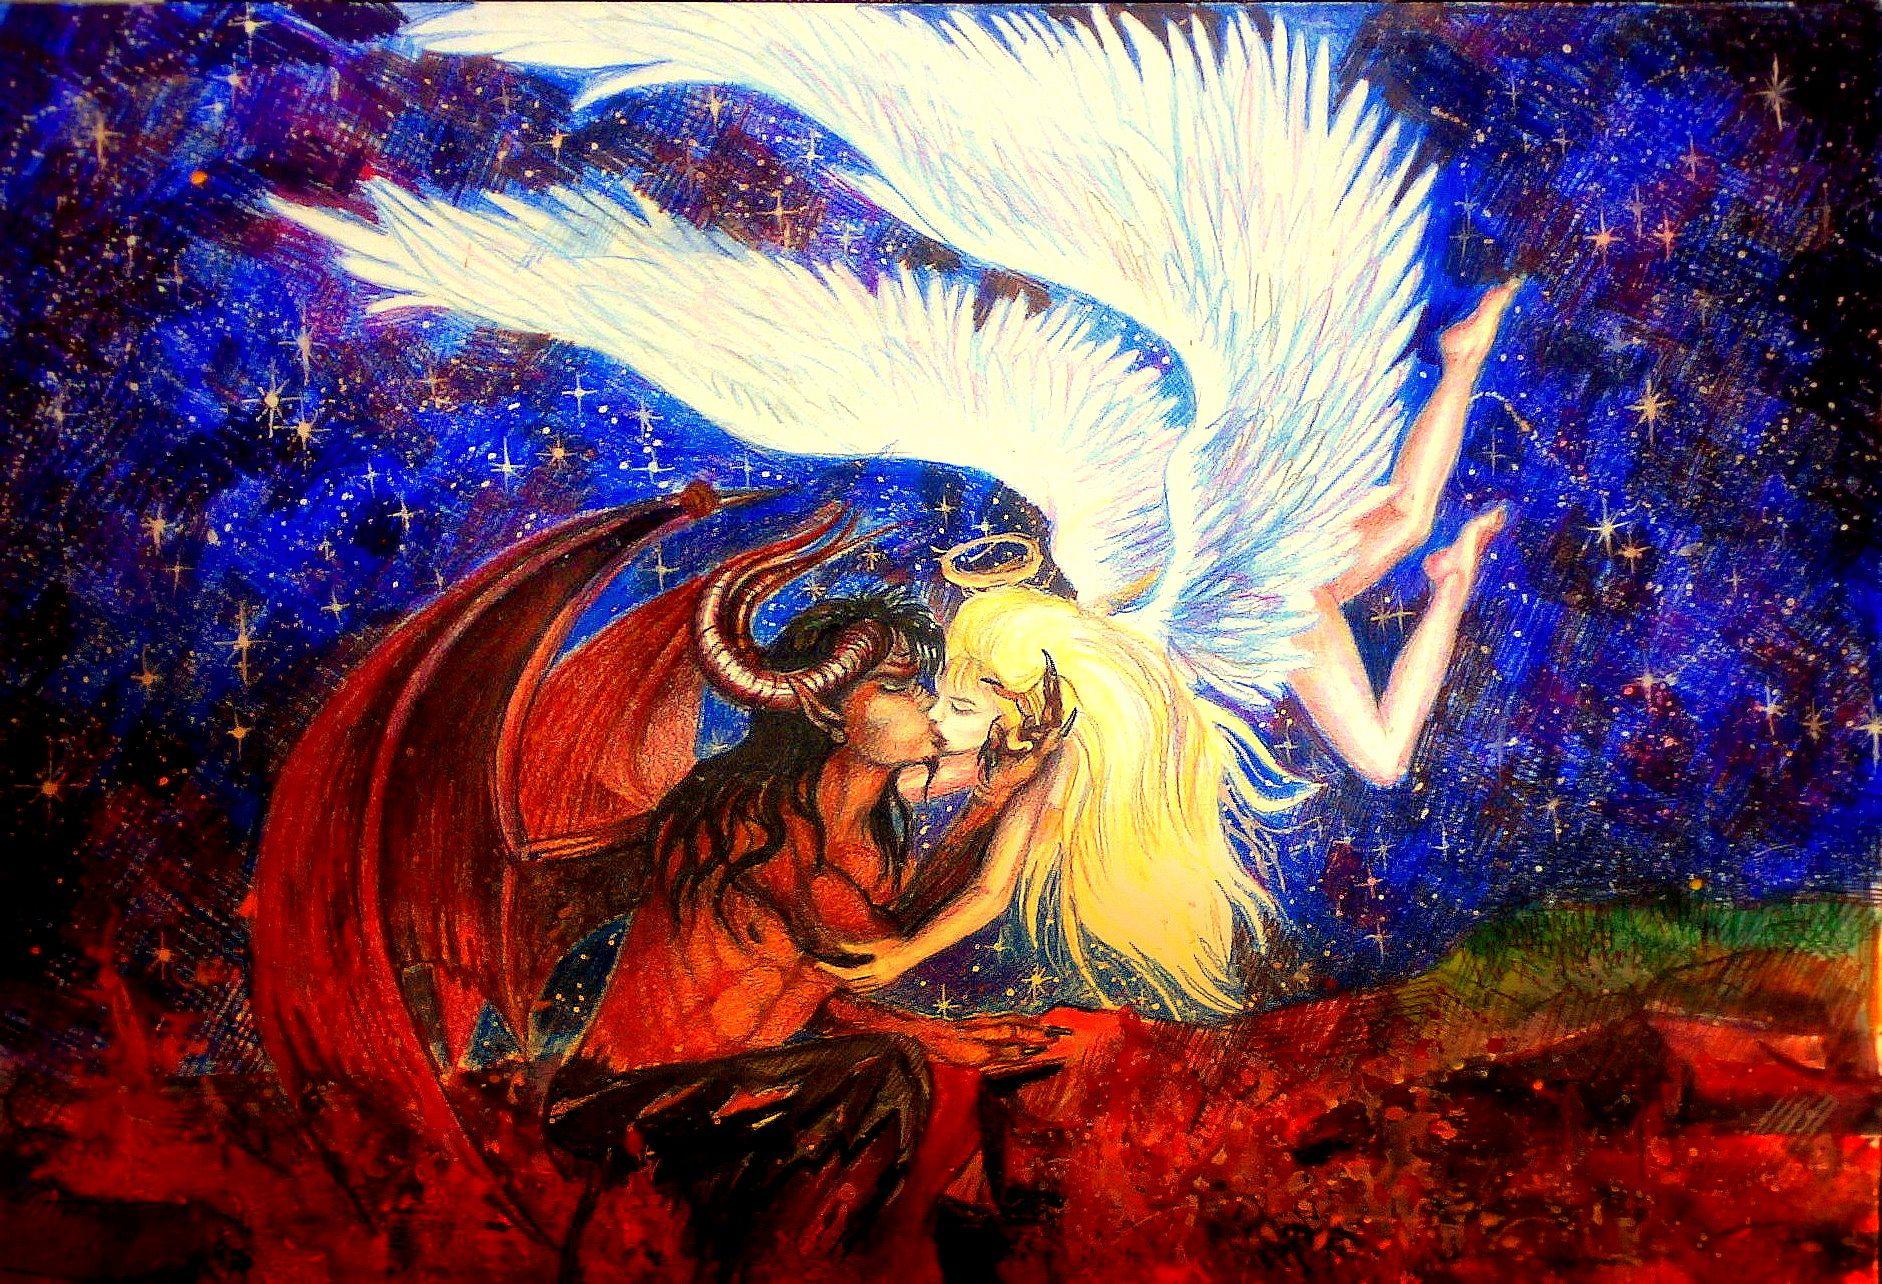 Anime Angel, Art, Fantasy Art